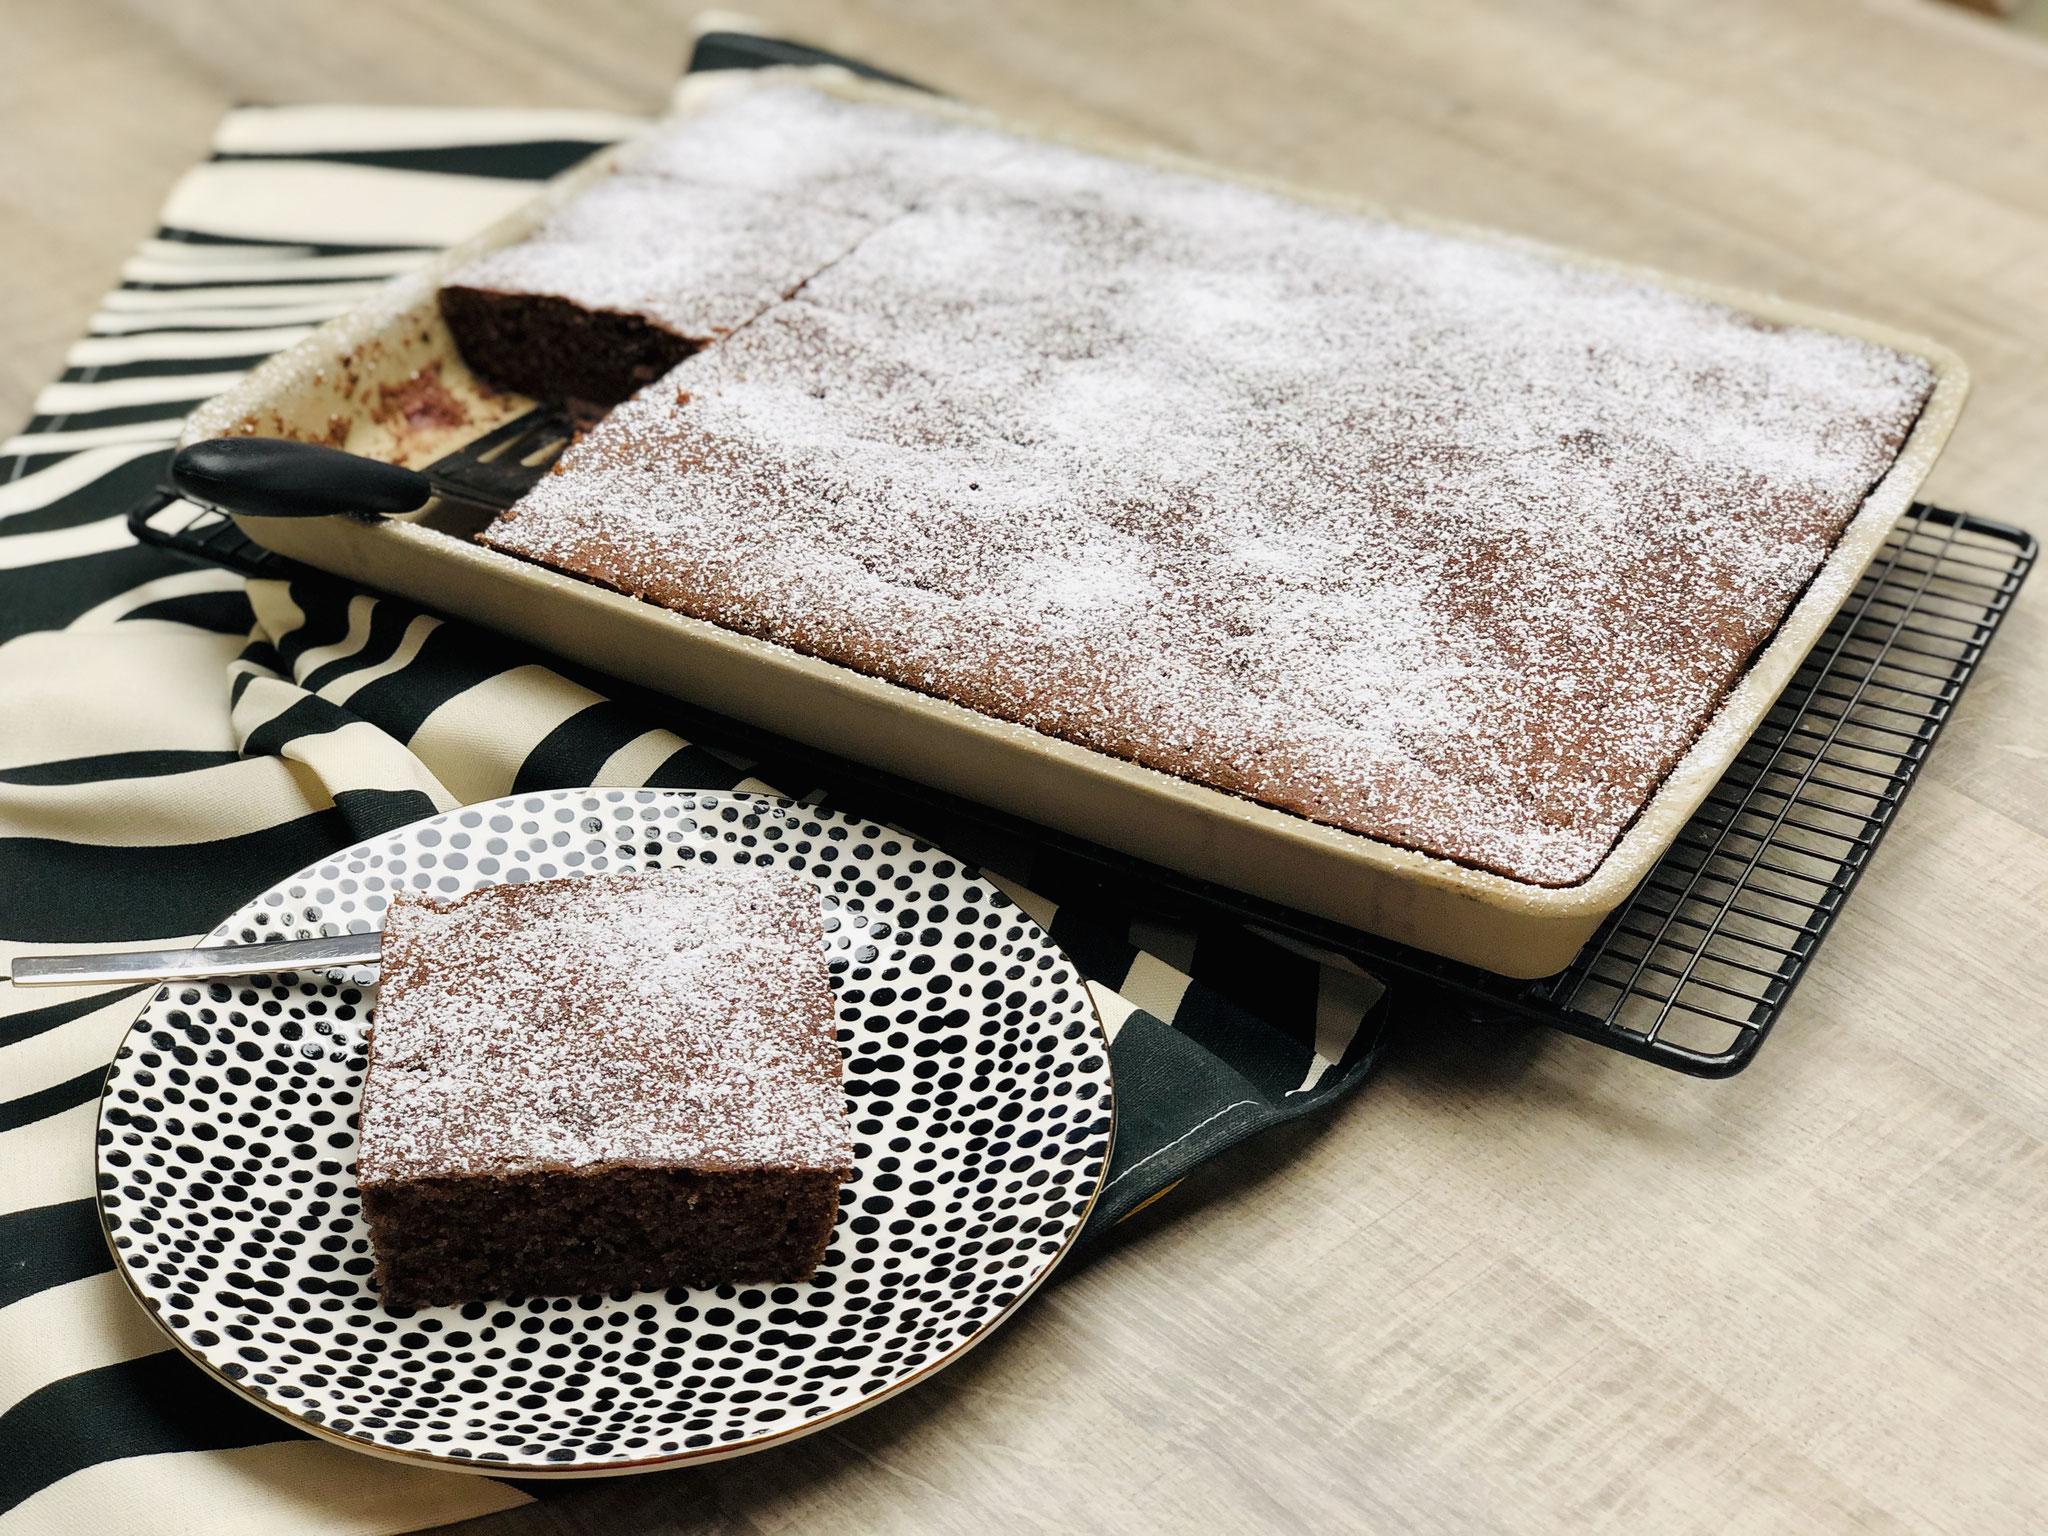 Etwas Puderzucker aus dem Streufix darüber streuen und schon kannst du den Kuchen aus dem Ofenzauberer schneiden und servieren...